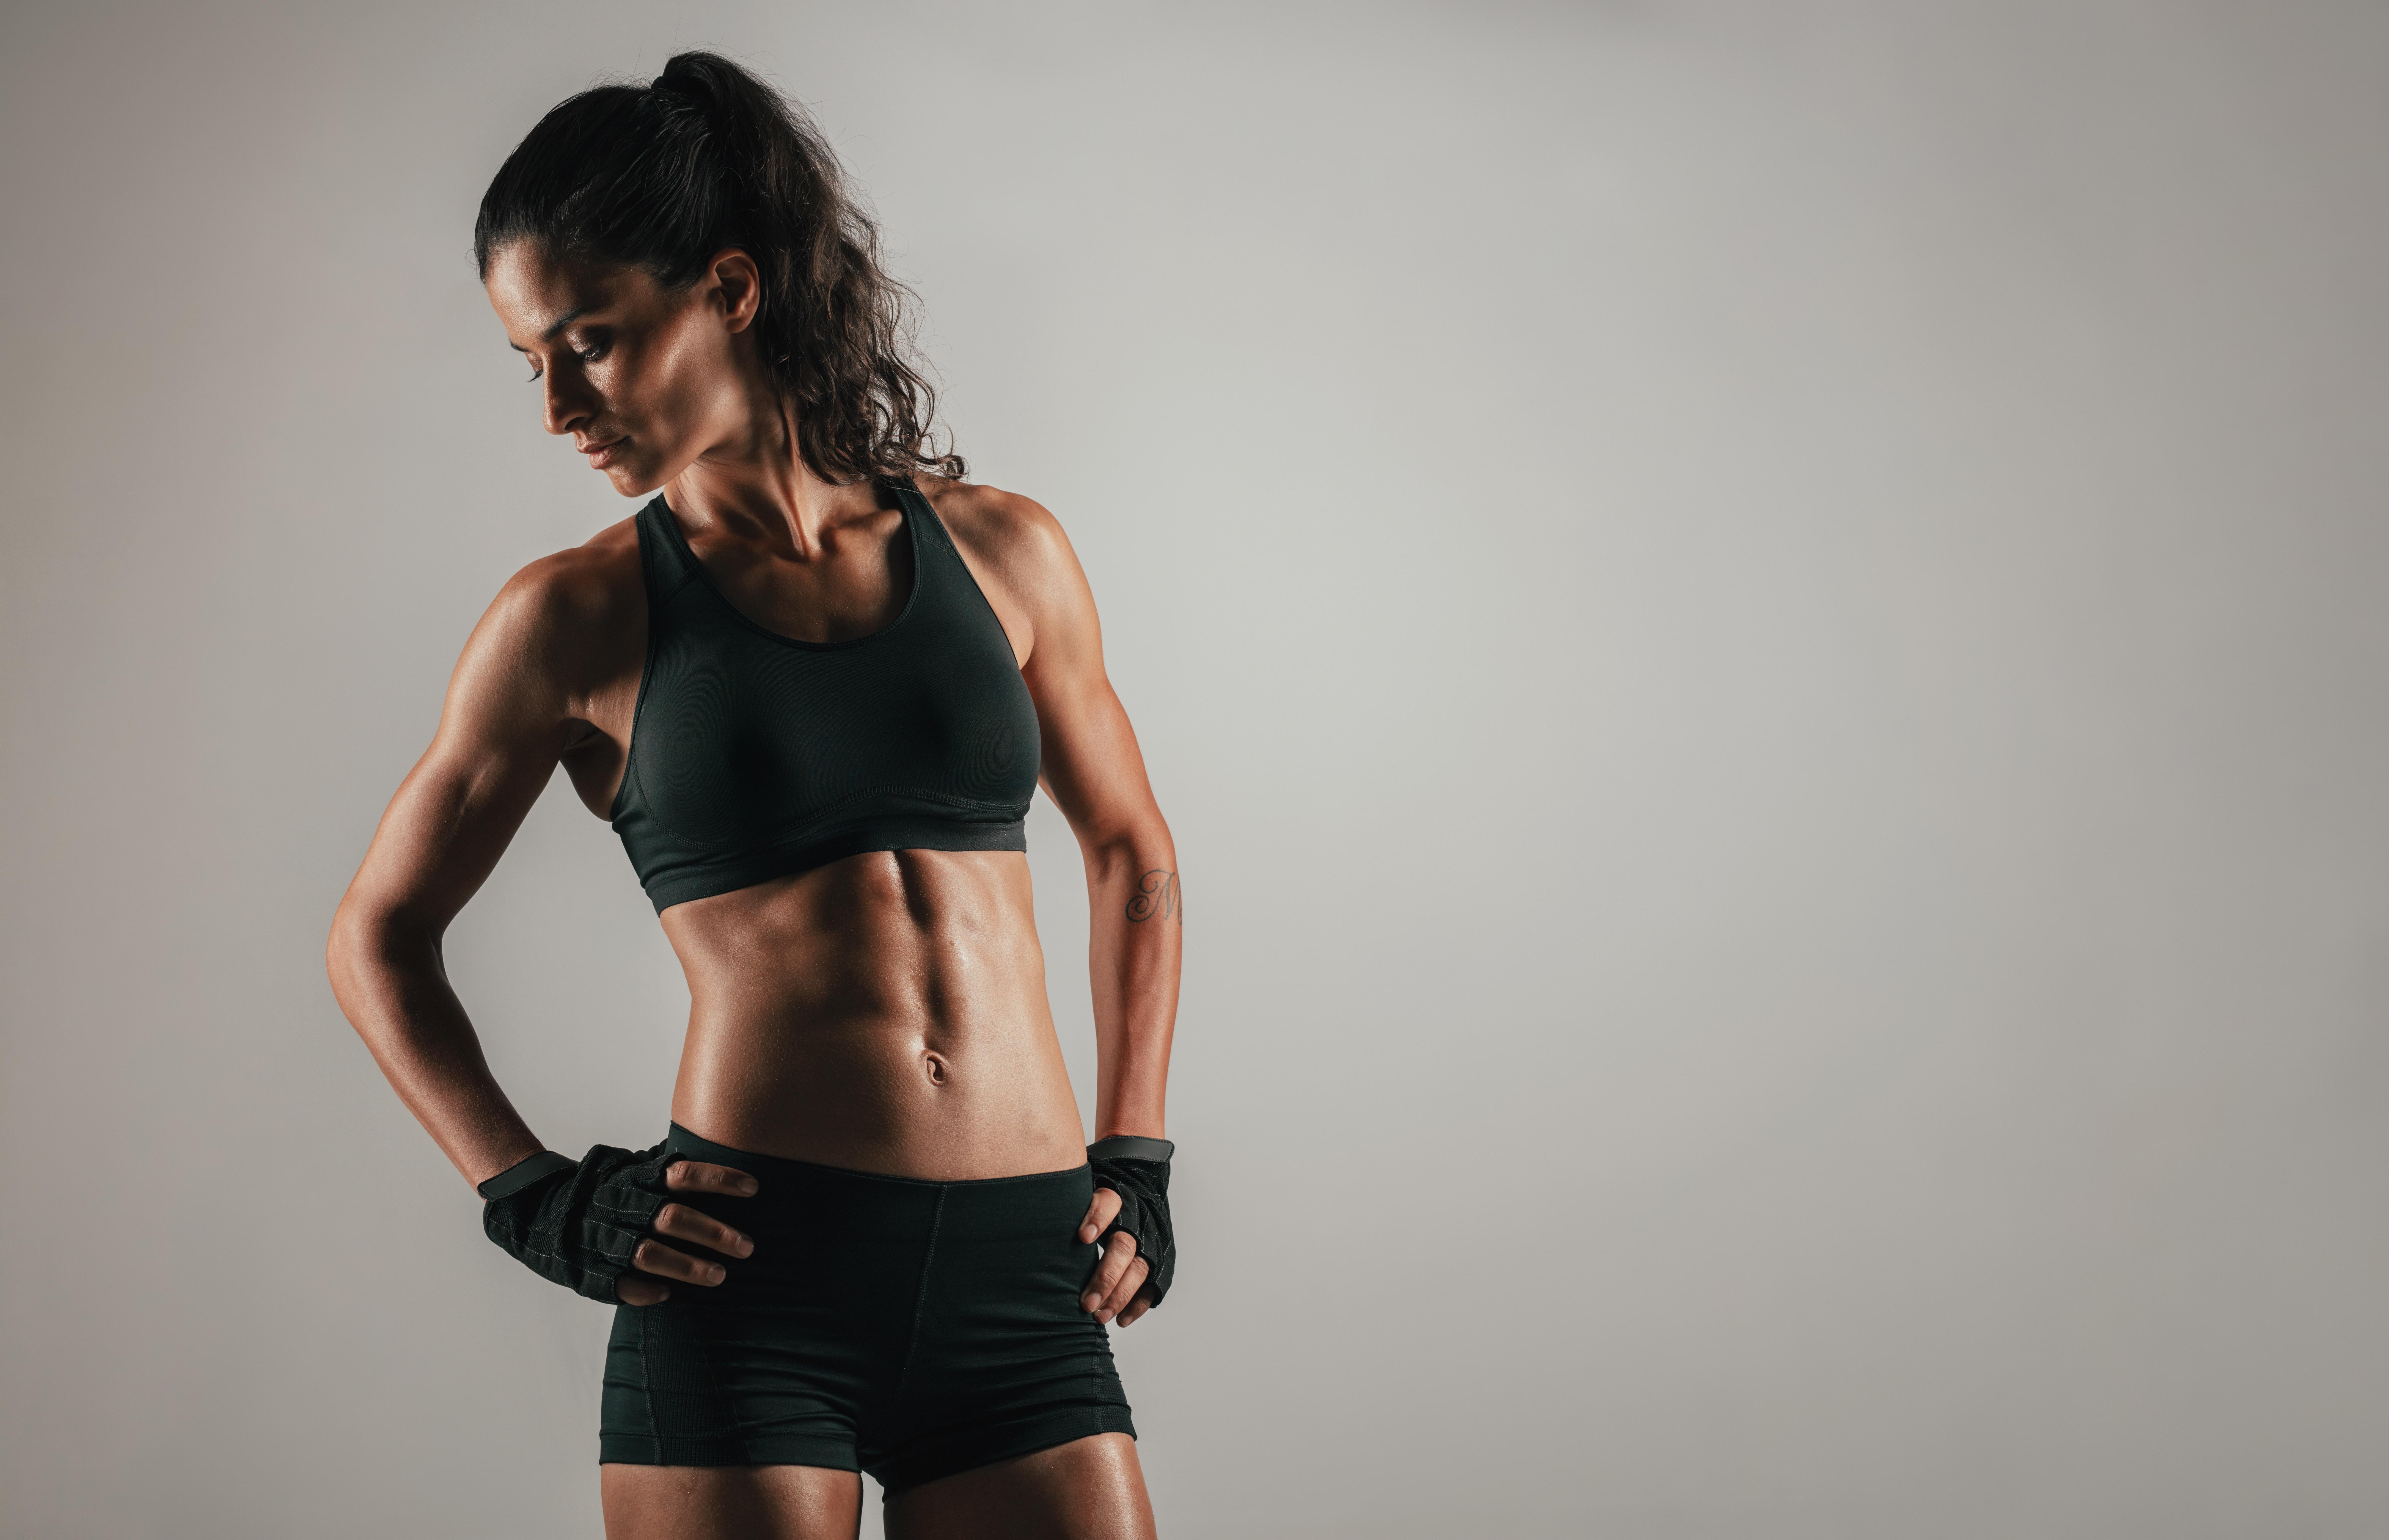 Картинки девушки мотивация спорт